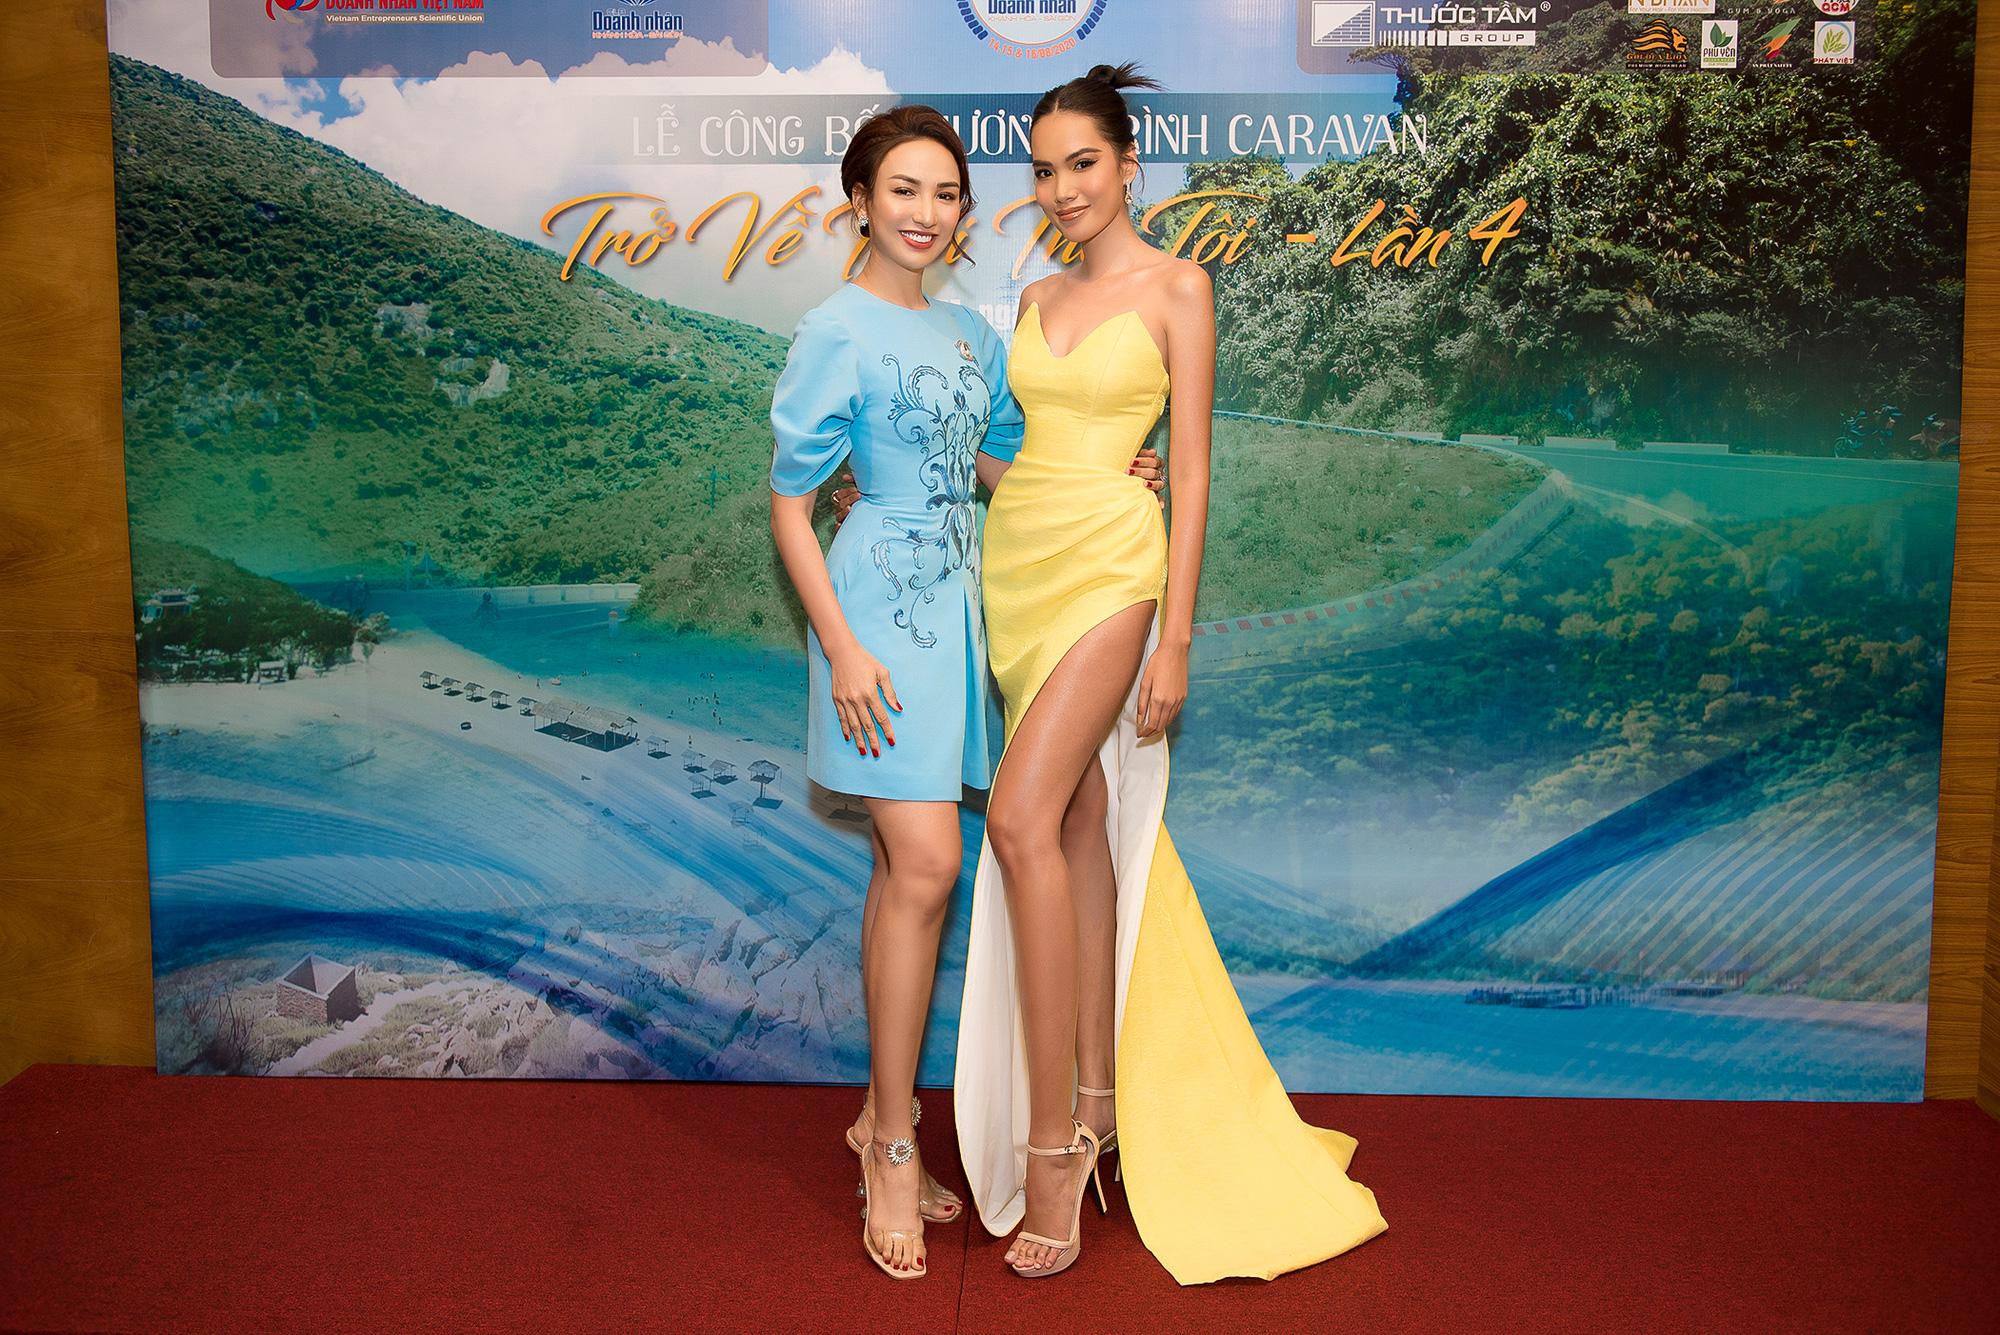 Hoa hậu Ngọc Diễm hội ngộ Dương Triệu Vũ tại Caravan thiện nguyện - Ảnh 2.